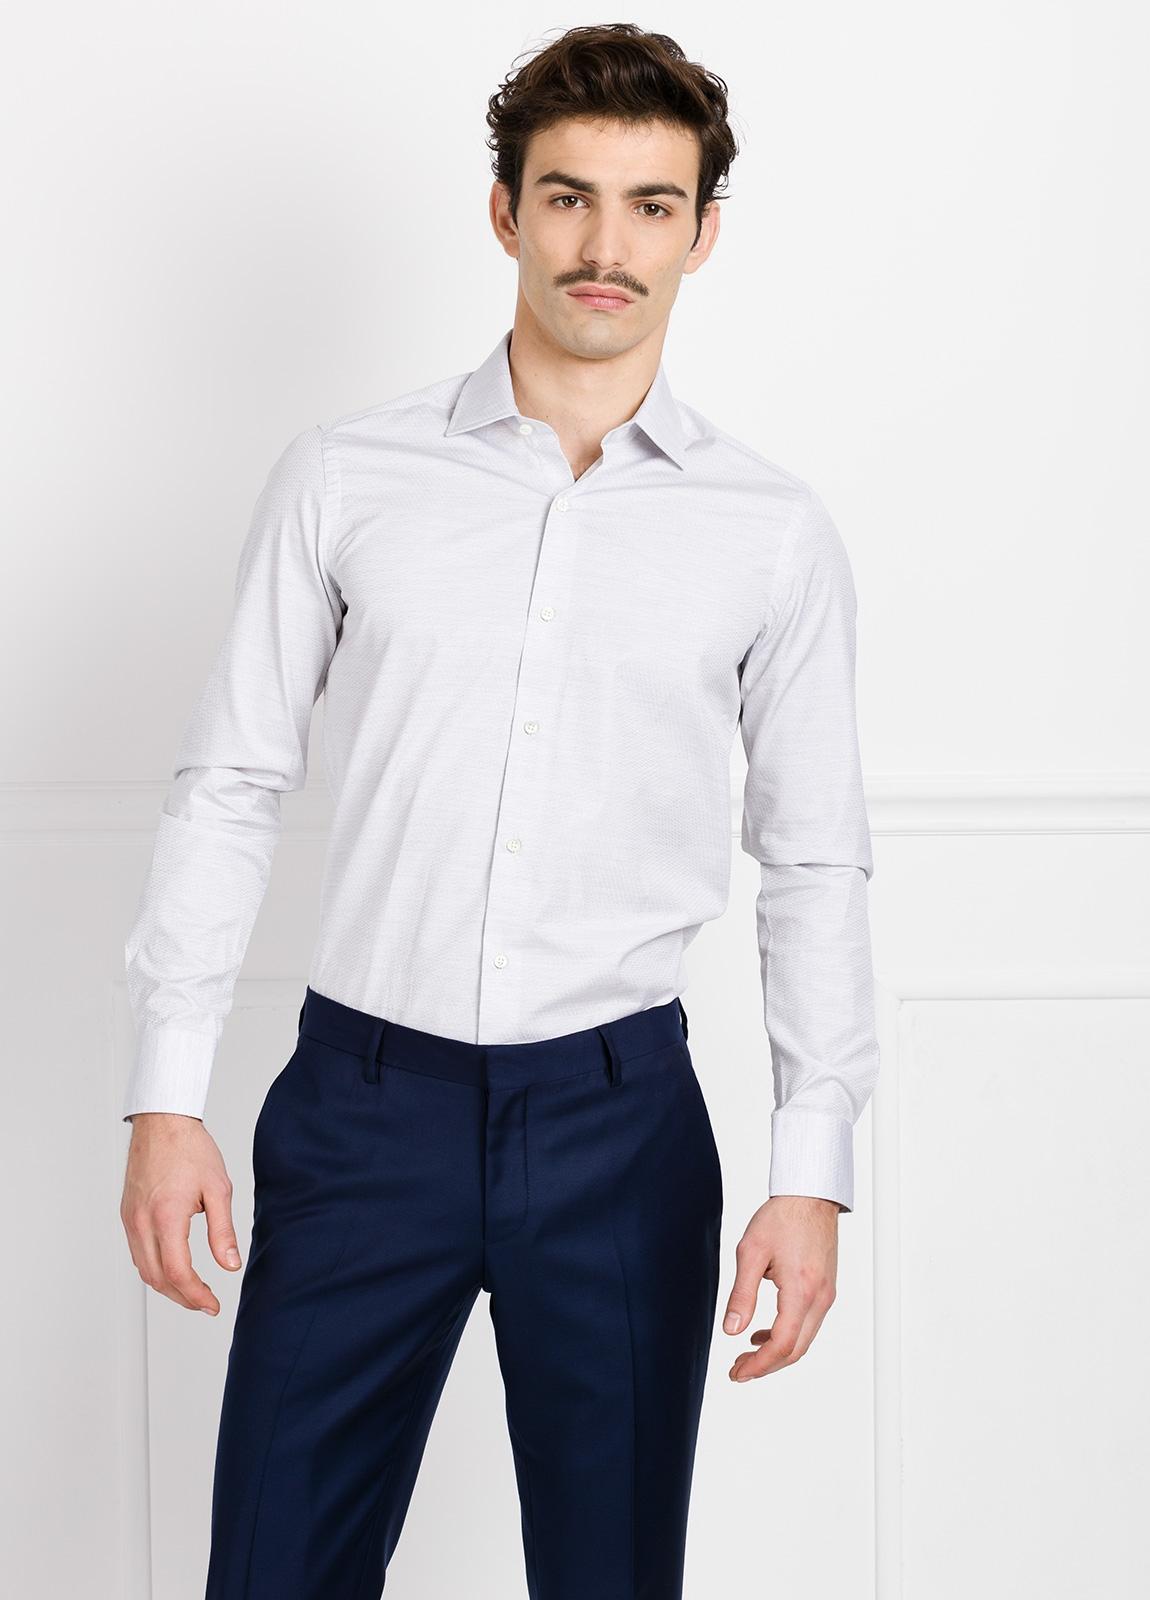 Camisa Formal Wear SLIM FIT cuello italiano modelo ROMA microtextura color gris. 100% Algodón.